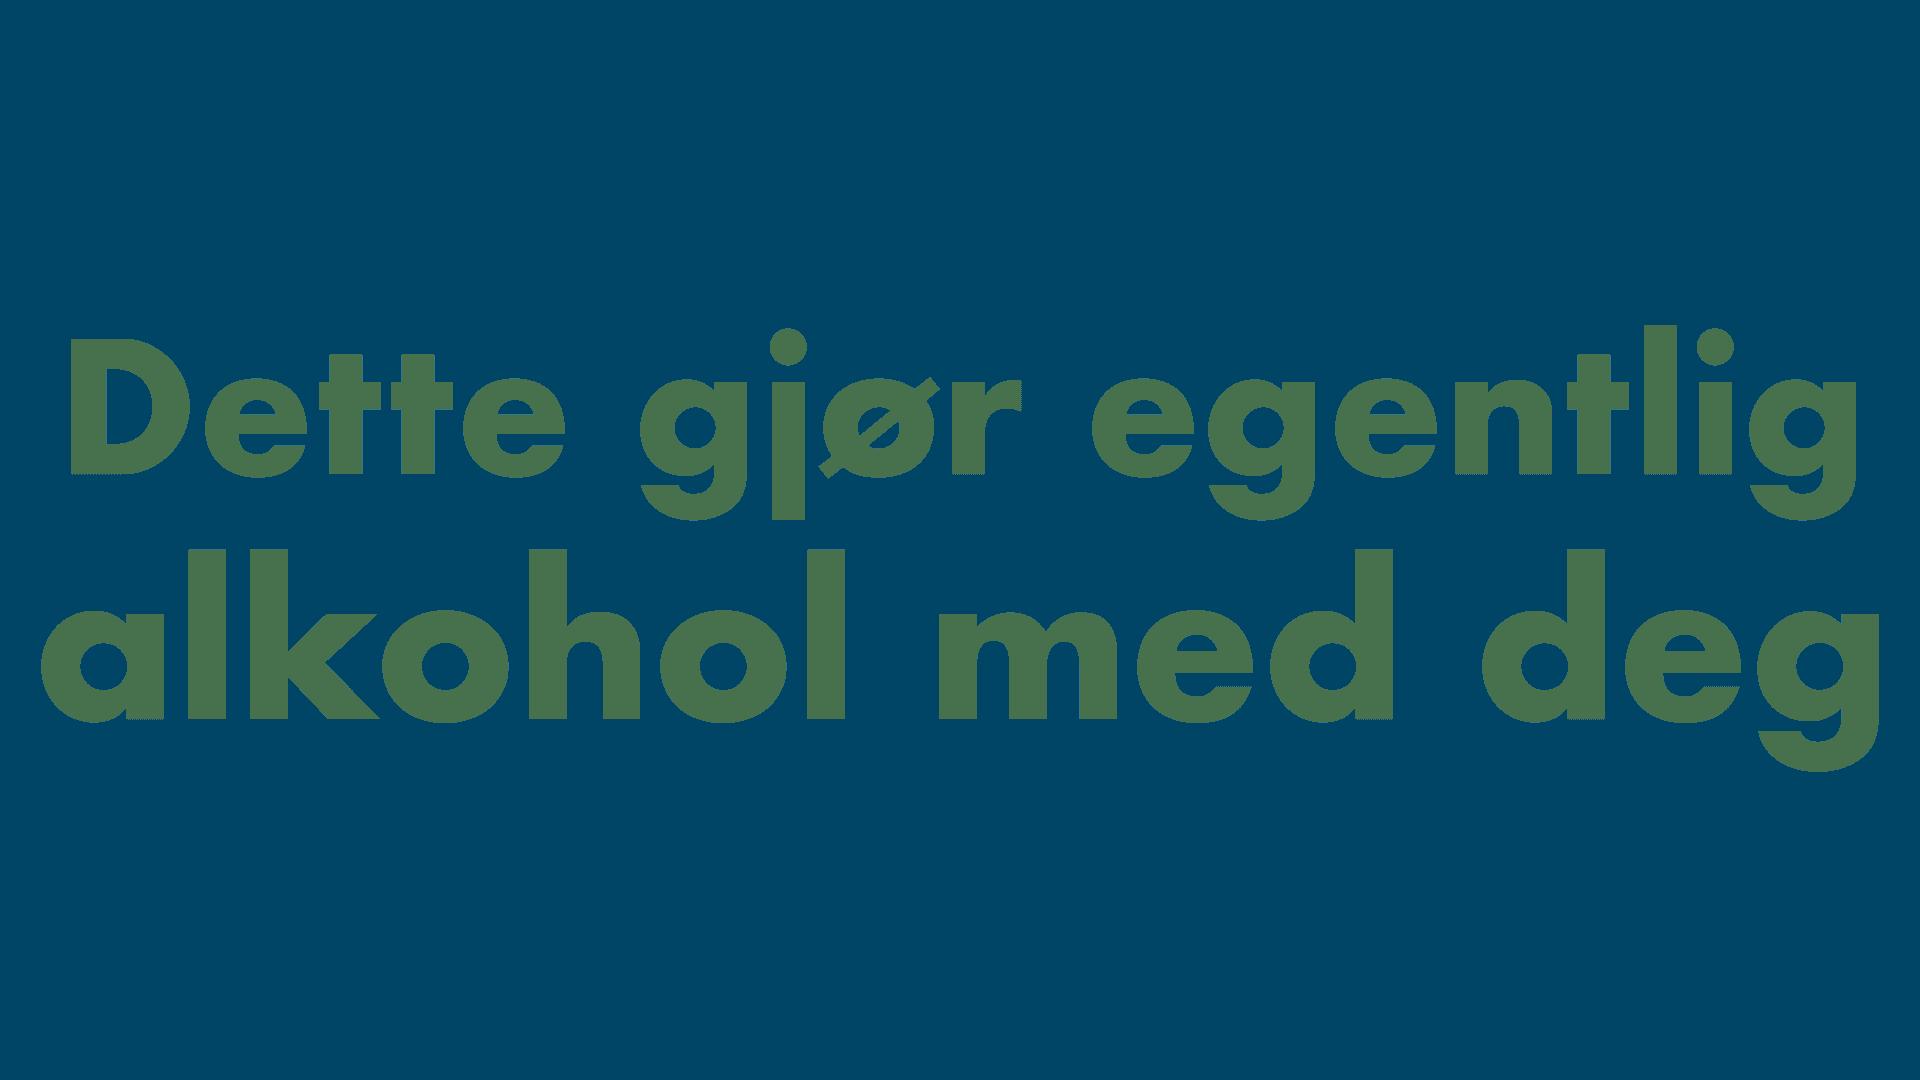 Banner, Text, Font